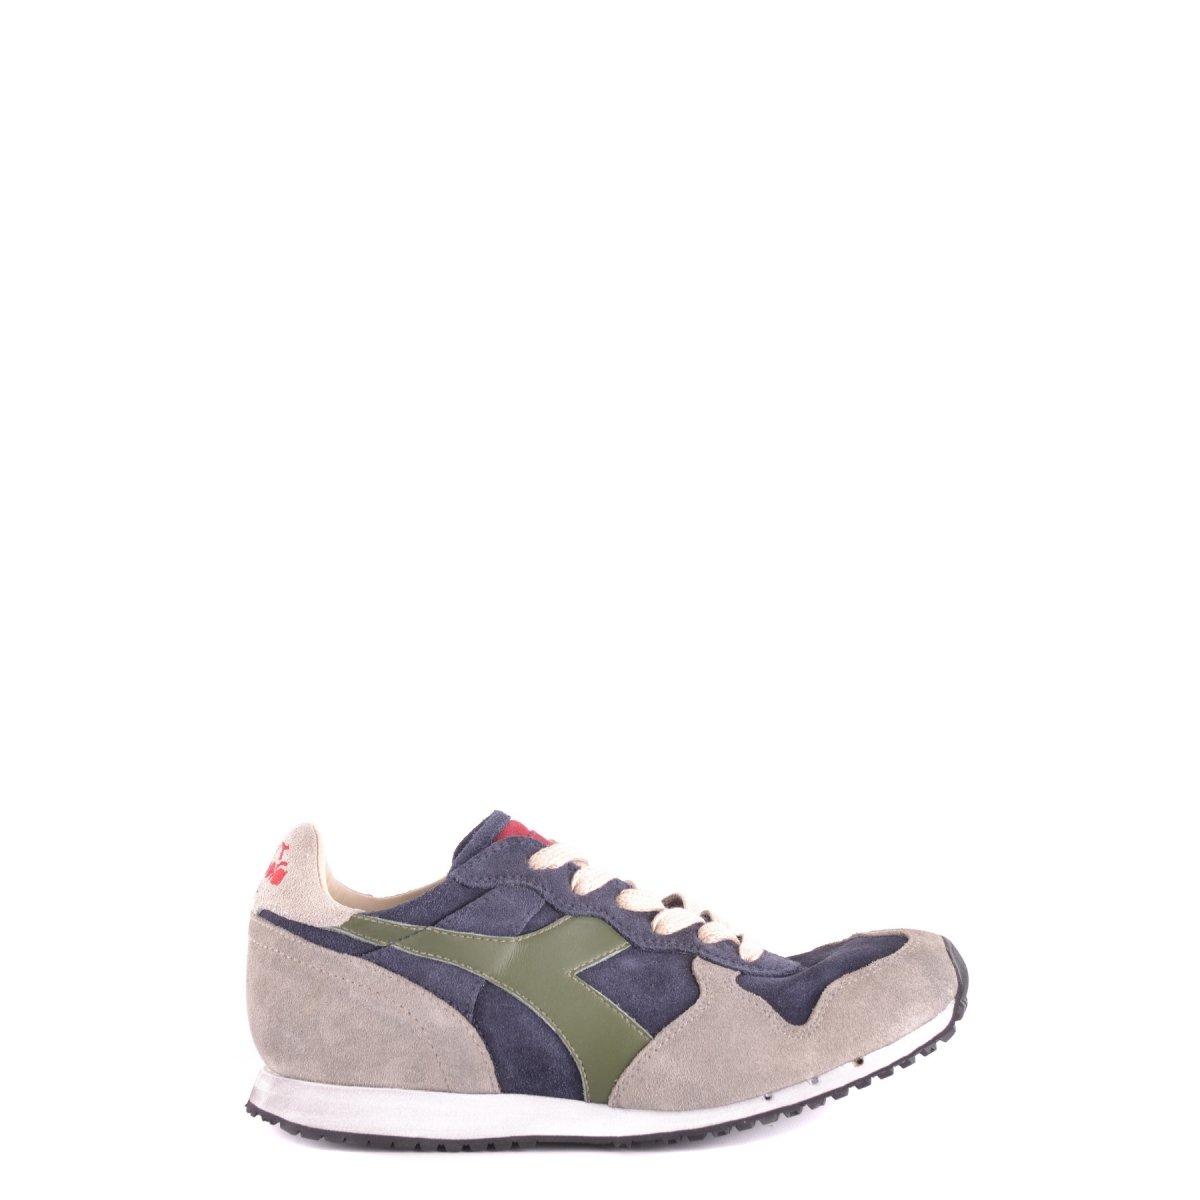 Diadora Heritage - Sneakers MI Basket Used para Hombre y Mujer 6.5|Marrón Y Azul